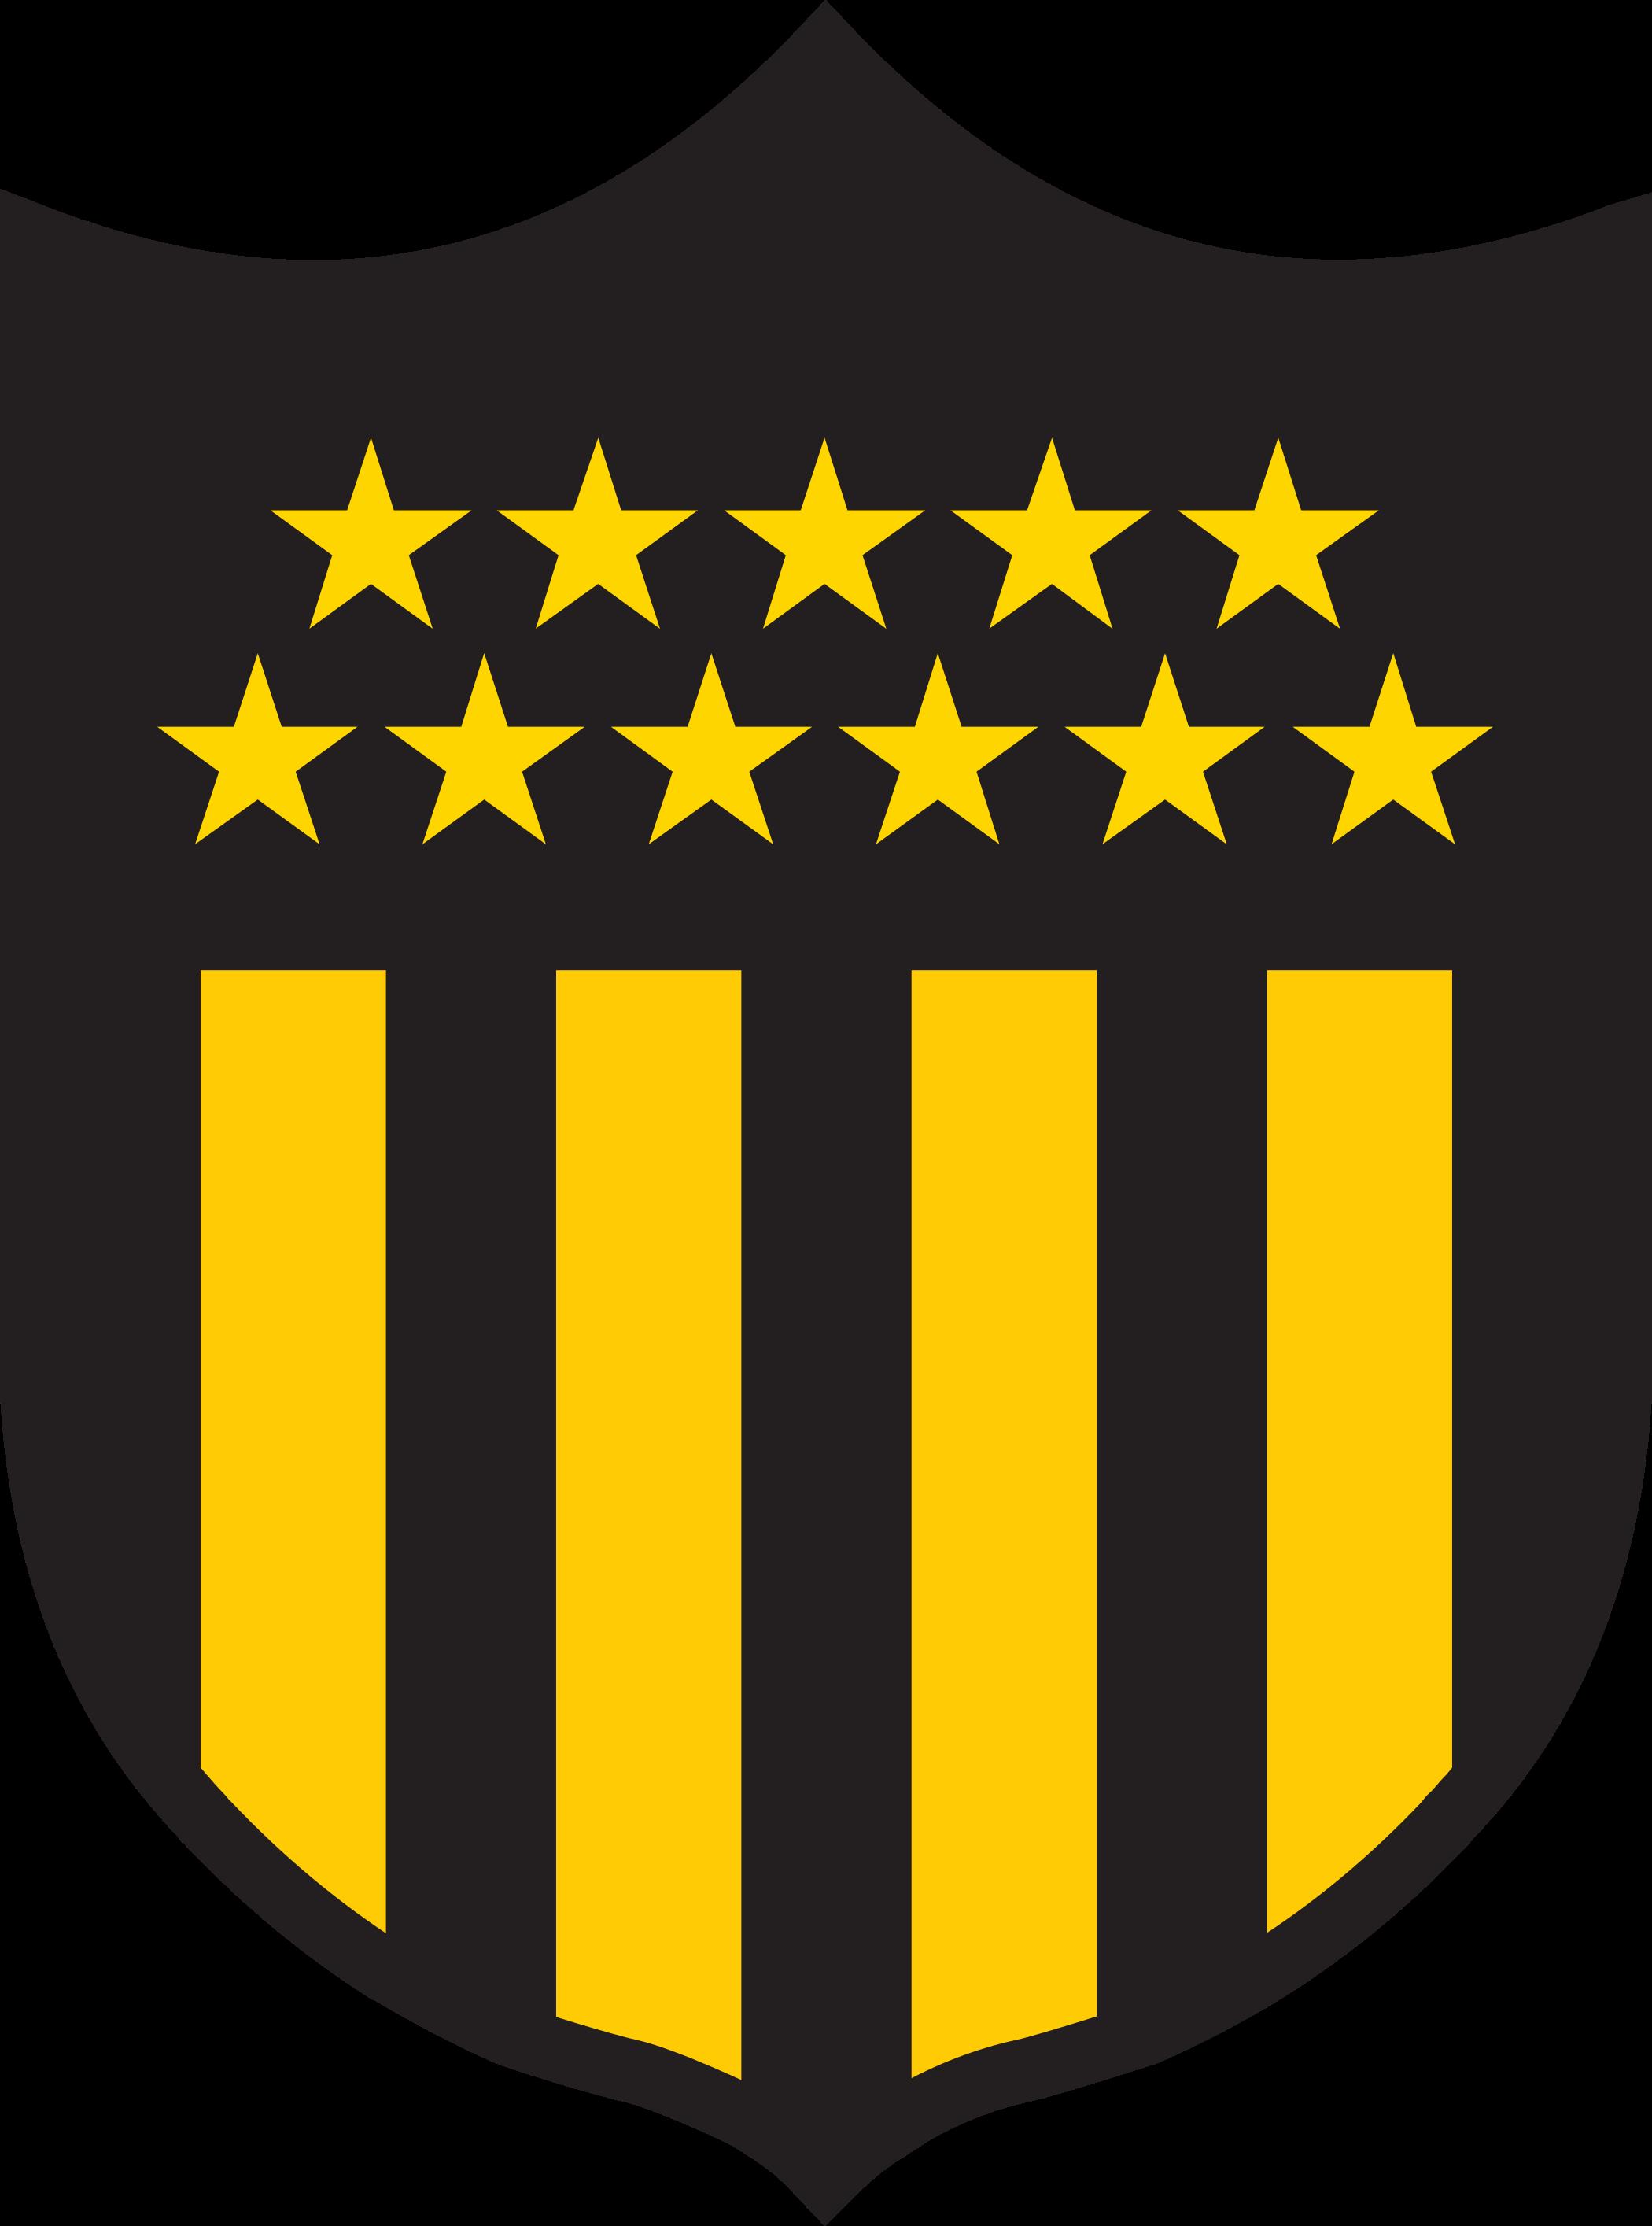 penarol logo escudo 3 - Peñarol Logo - Club Atlético Peñarol Escudo